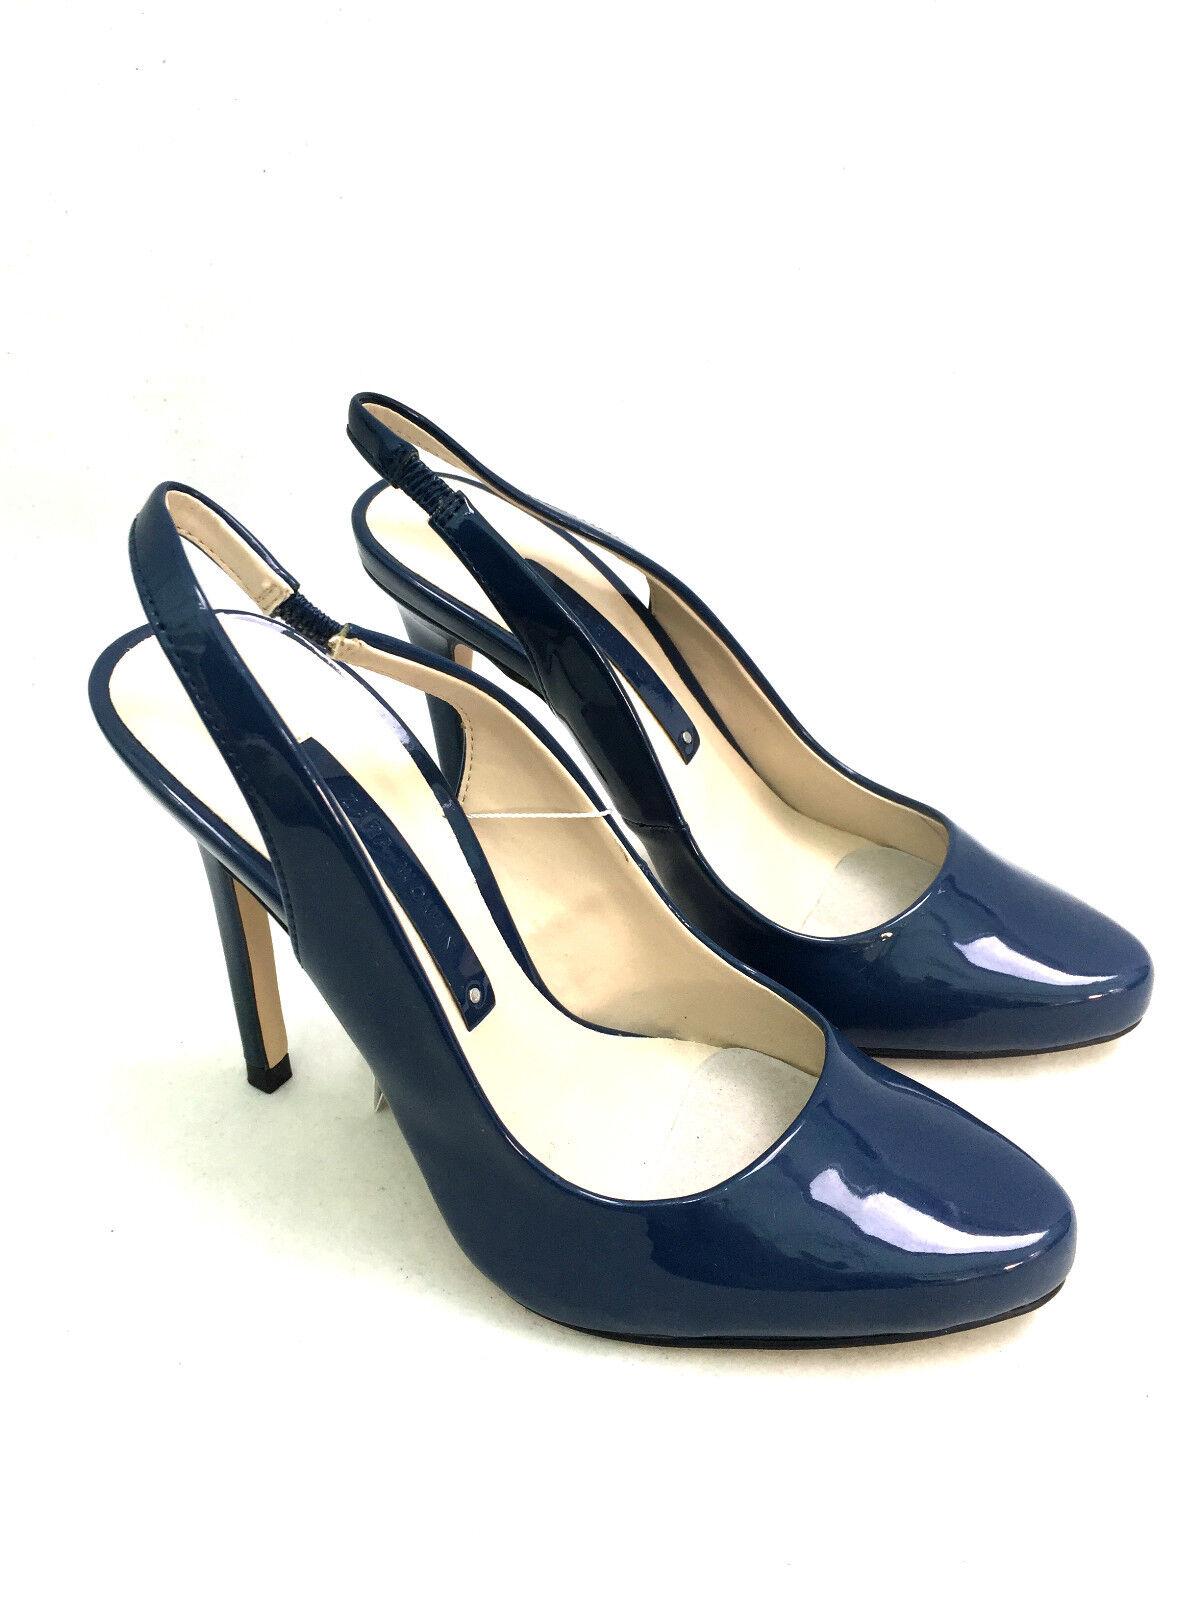 ZARA blau hoher Absatz Knöchelriemen Schuh Größe UK3/EUR36/US6 Ref 5203 301